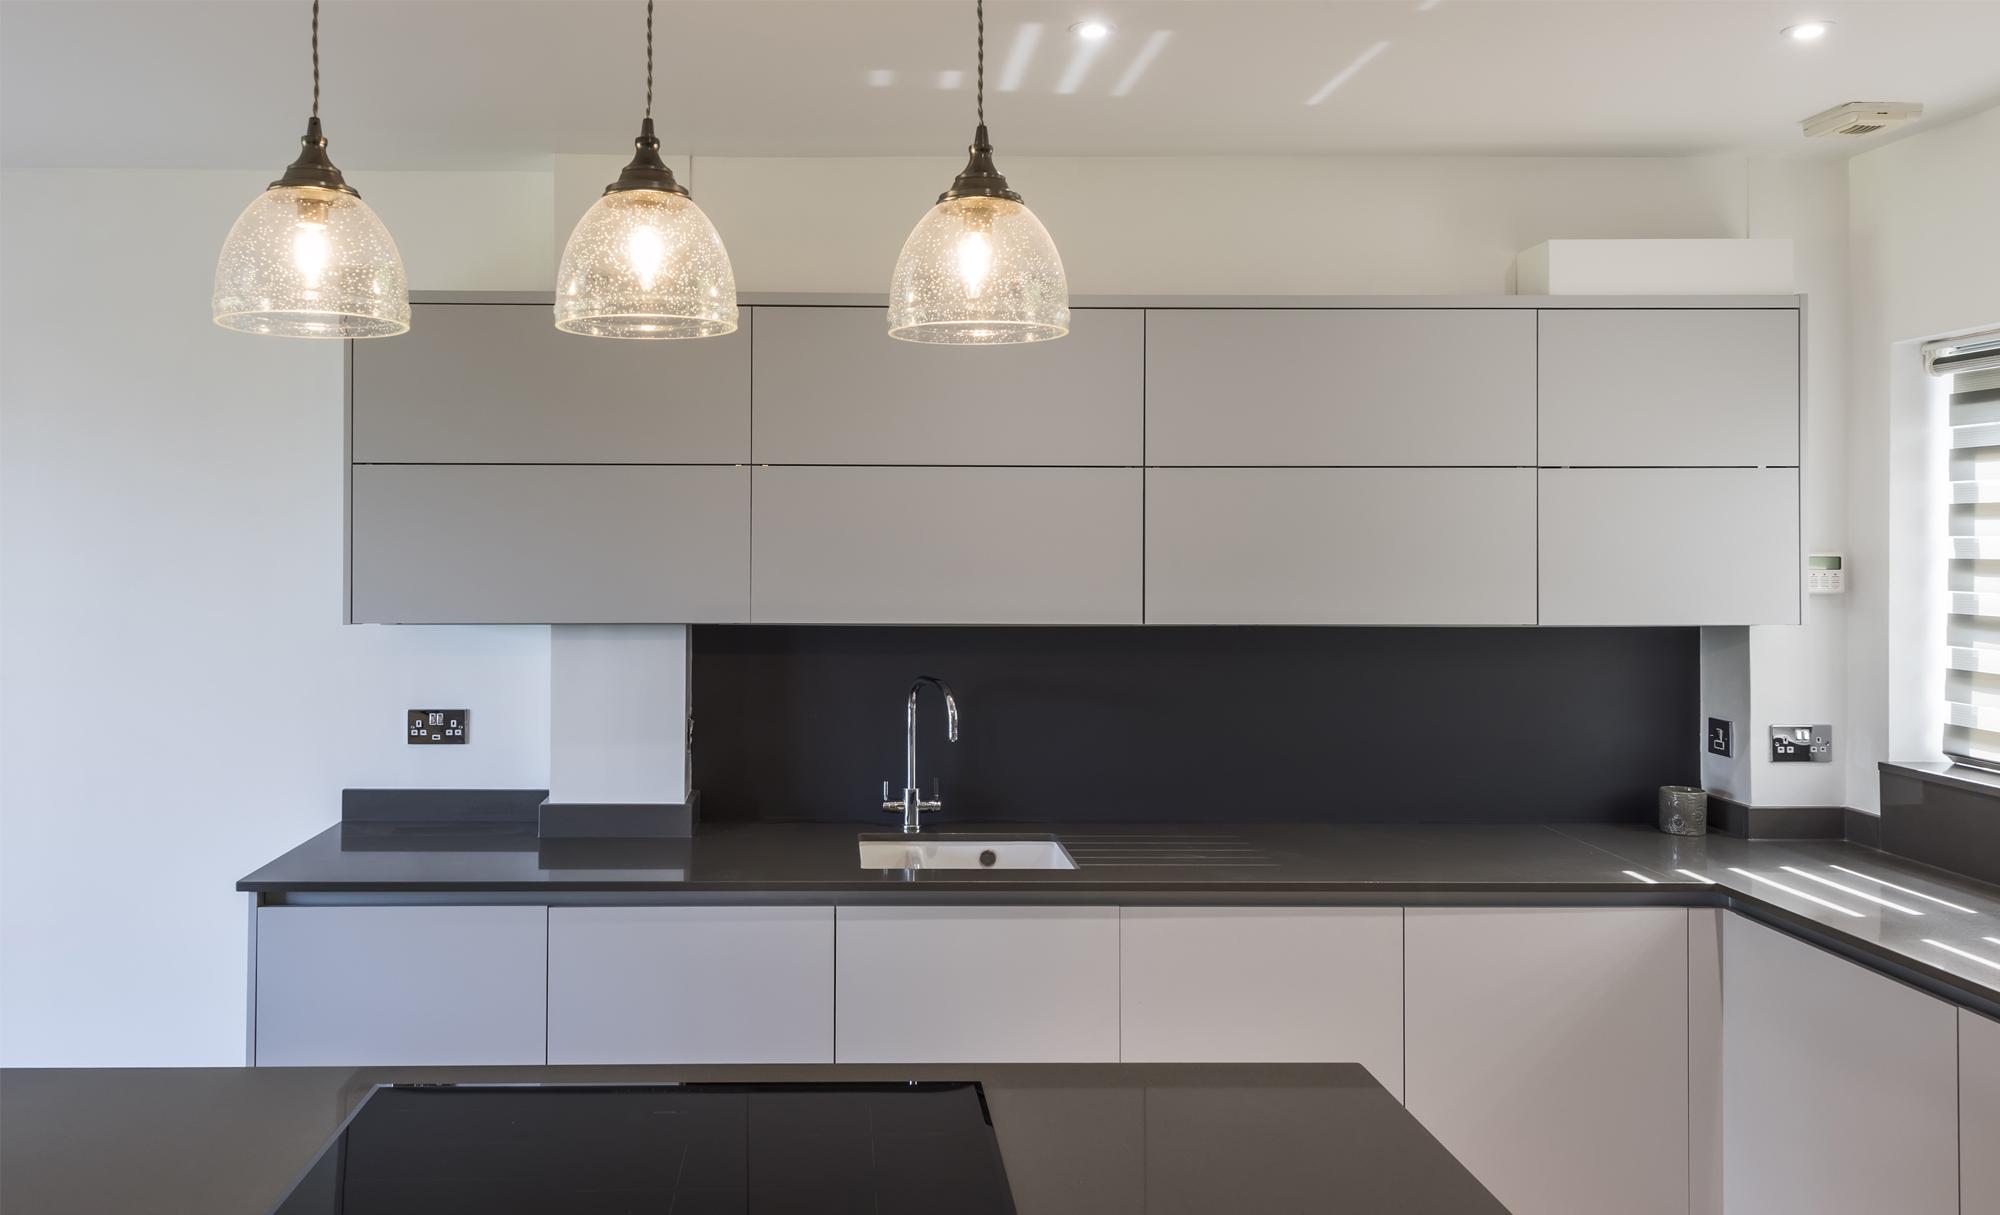 kitchen-stori-zola-matte-light-grey-kitchen-oven